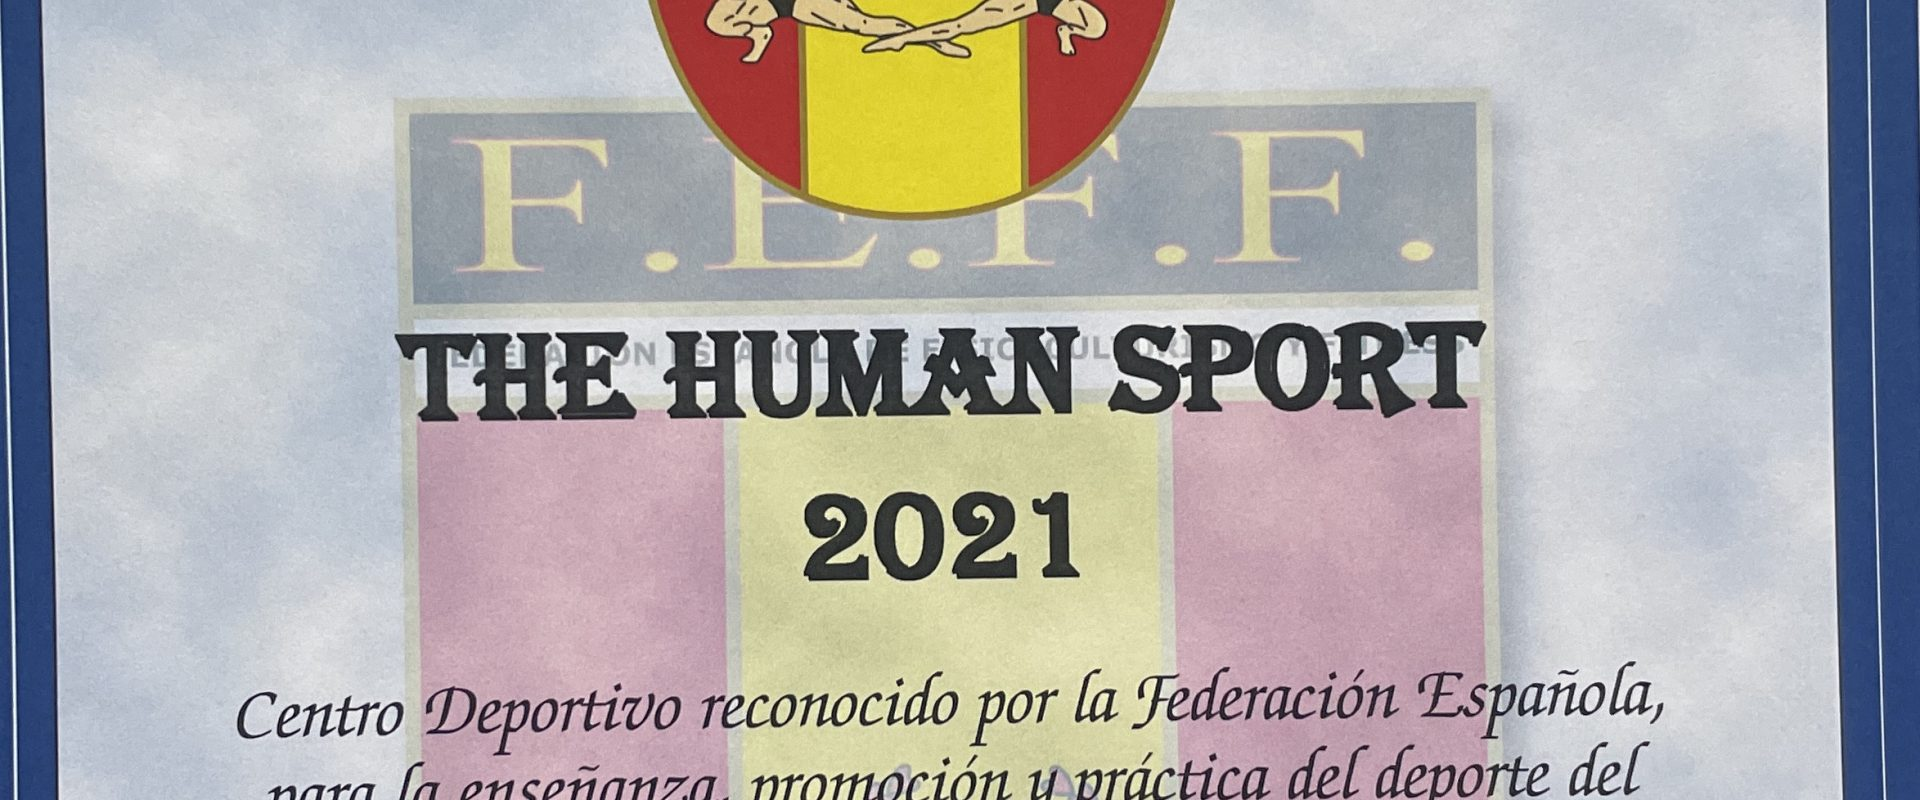 CLUBES AFILIADOS: 2 ACCESOS VIP PARA EL AUTONÓMICO 2021 (LA NUCÍA)